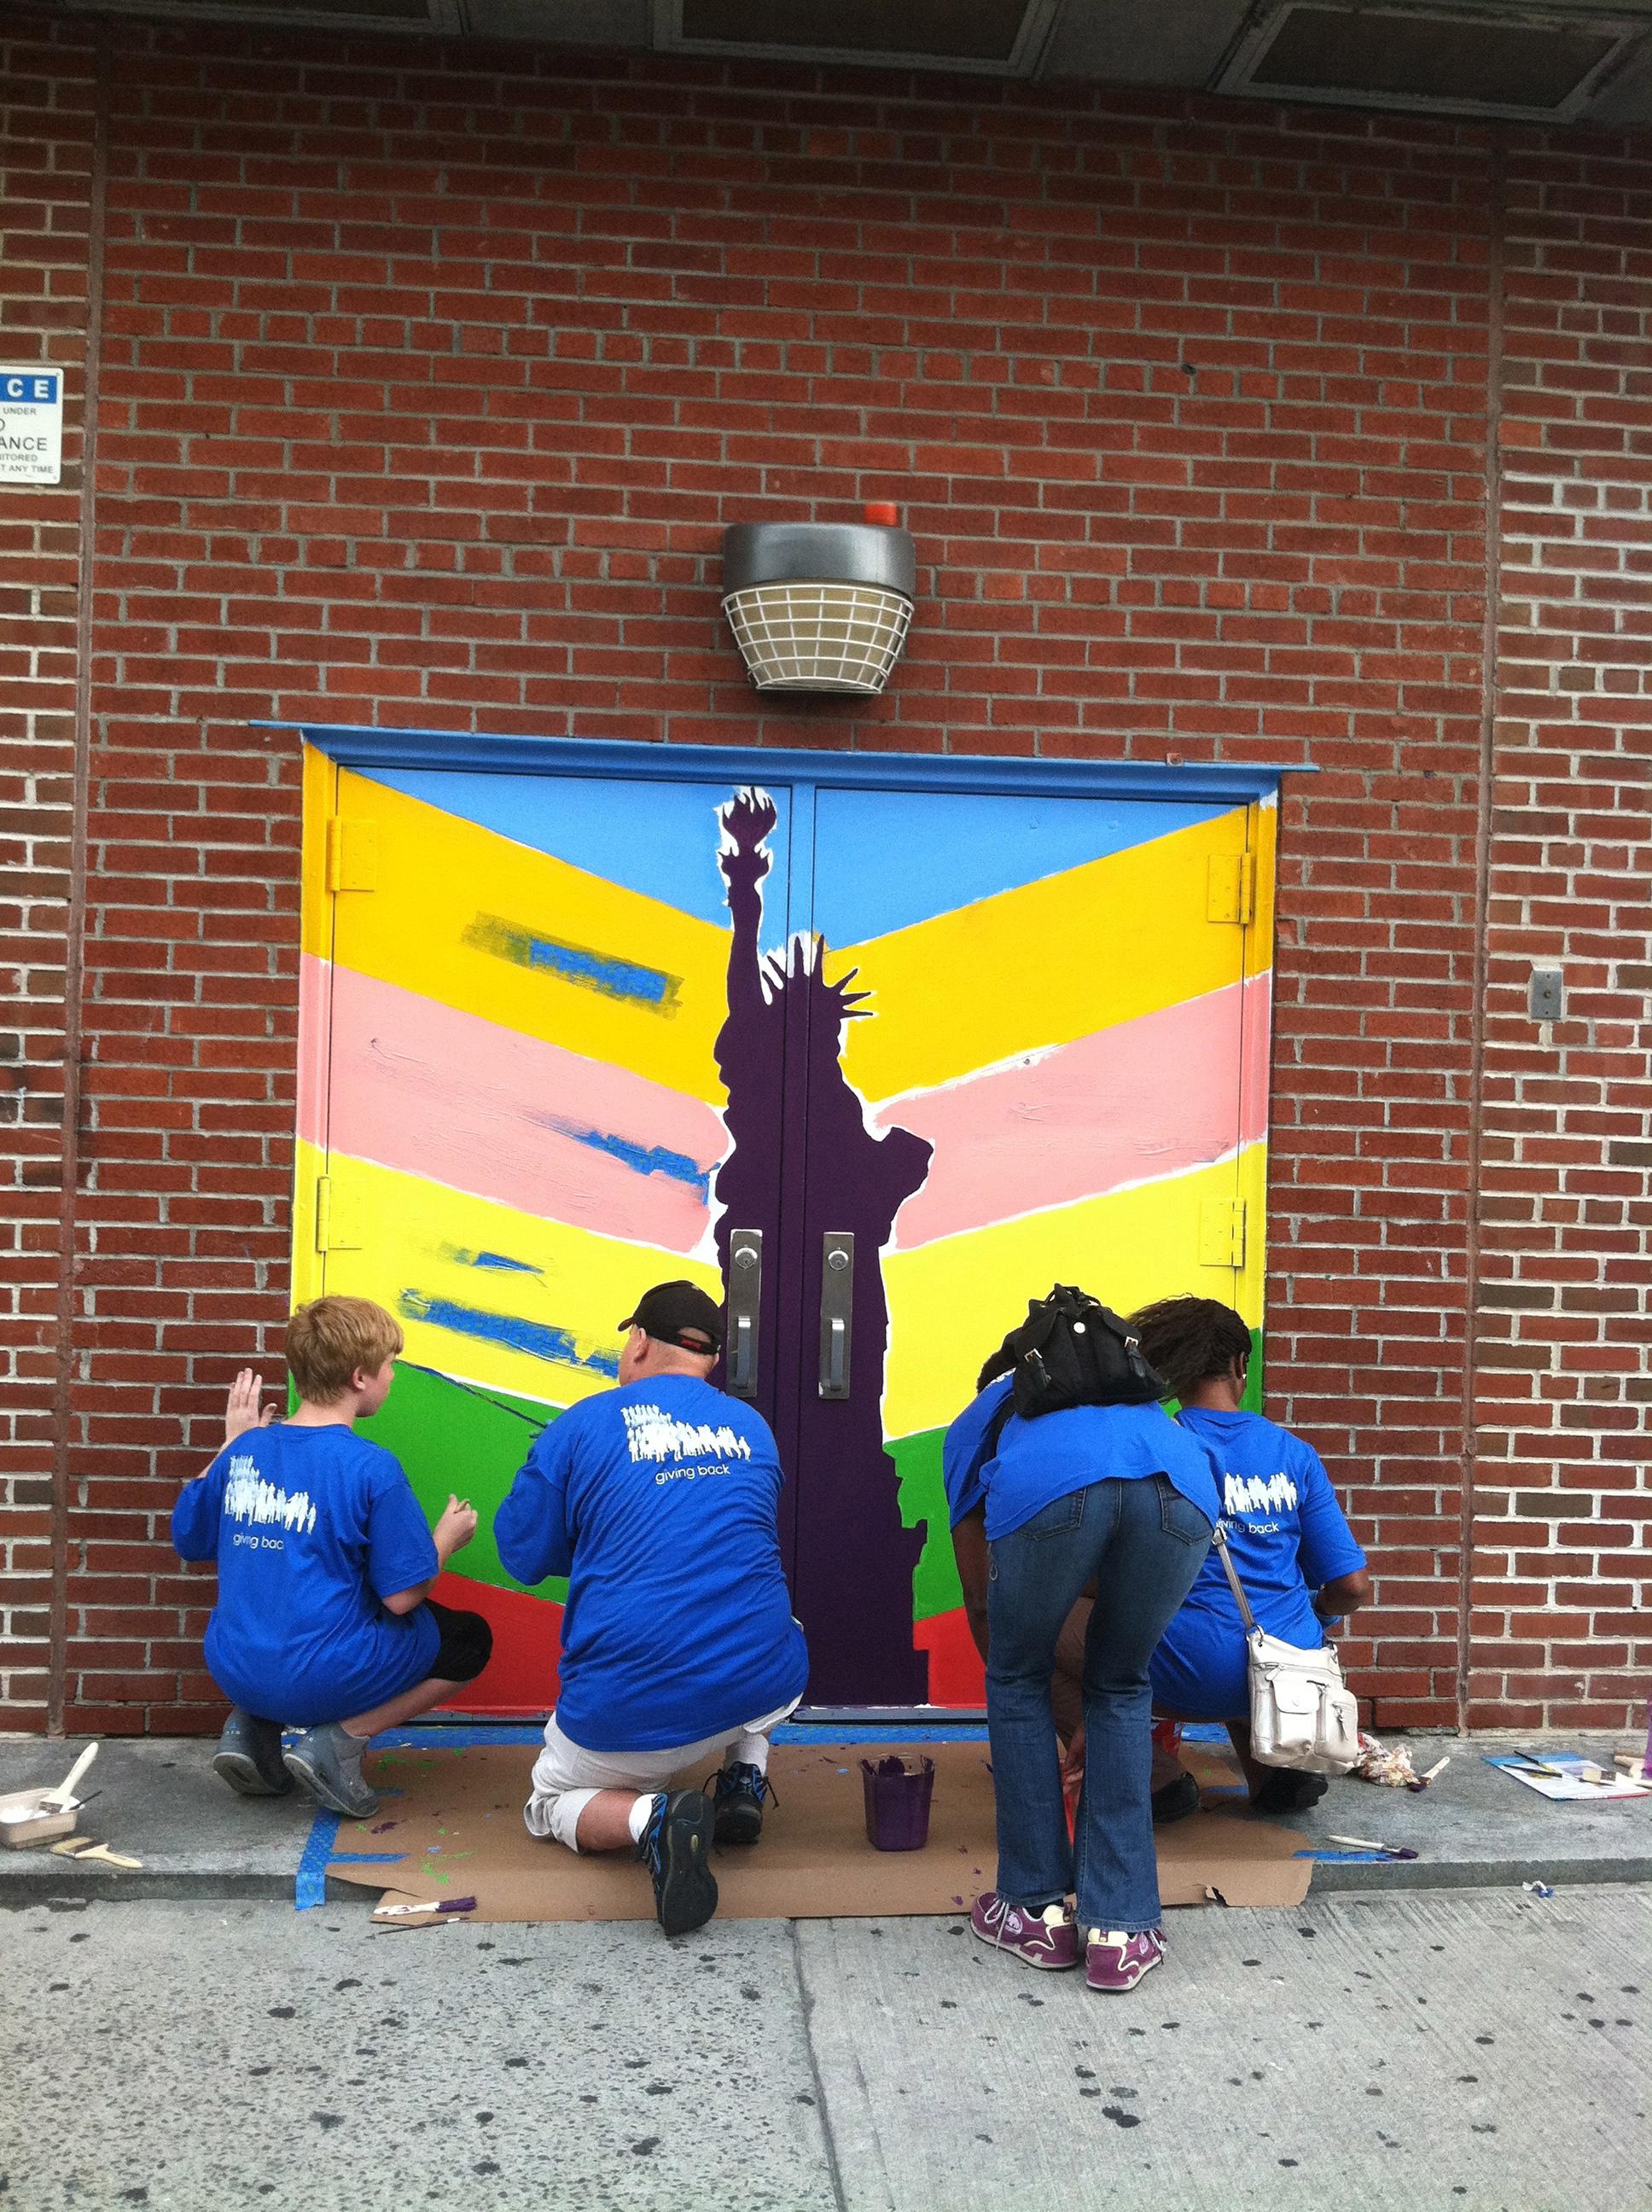 PS 268 Emma Lazarus Mural, 2012